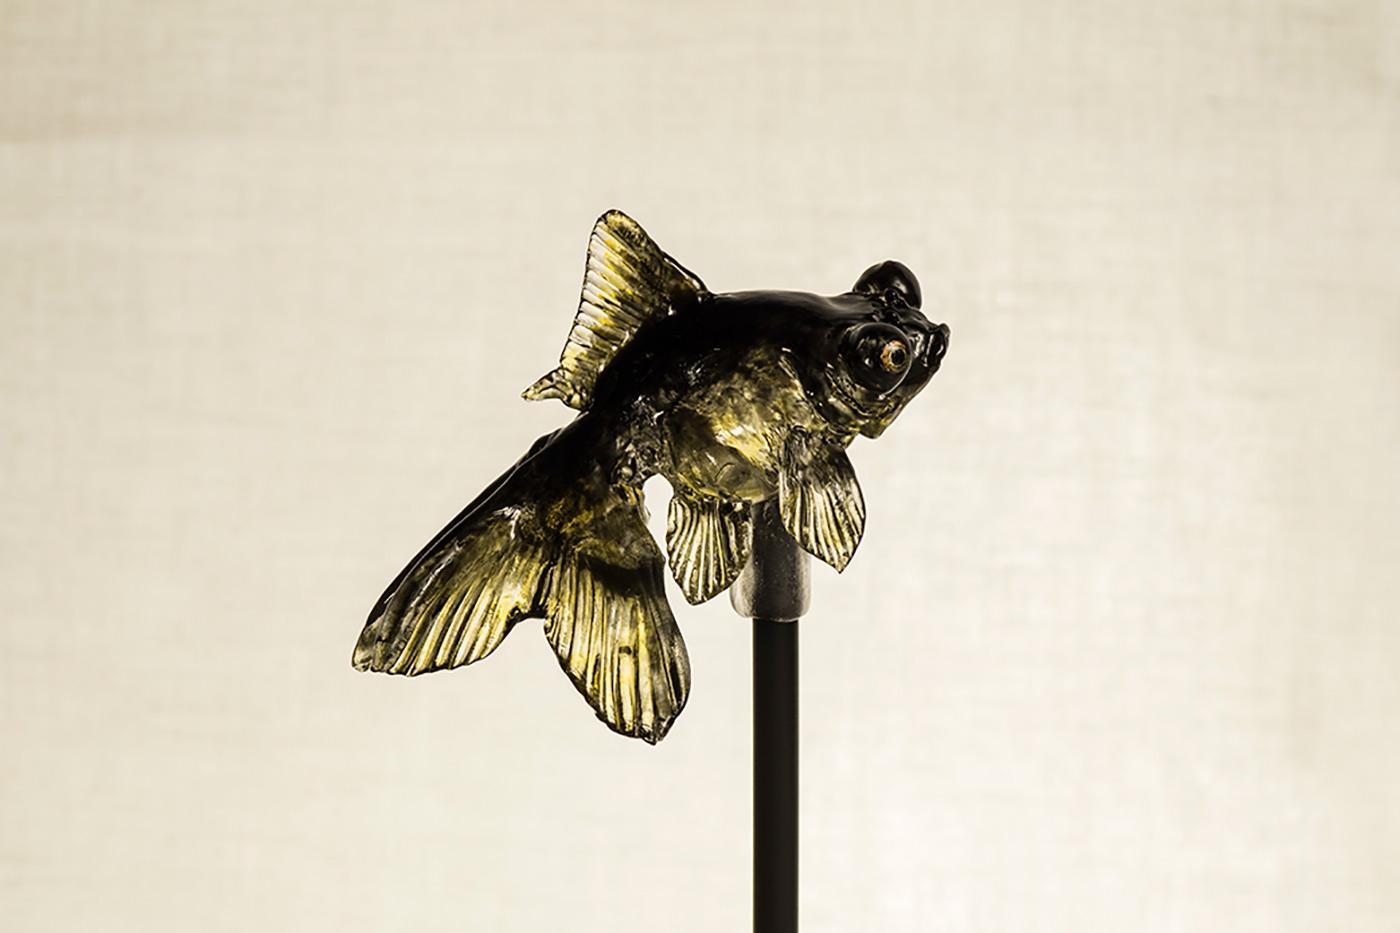 色付けを経て完成した金魚の飴は、いますぐにでも動き出しそう(提供:アメシン)